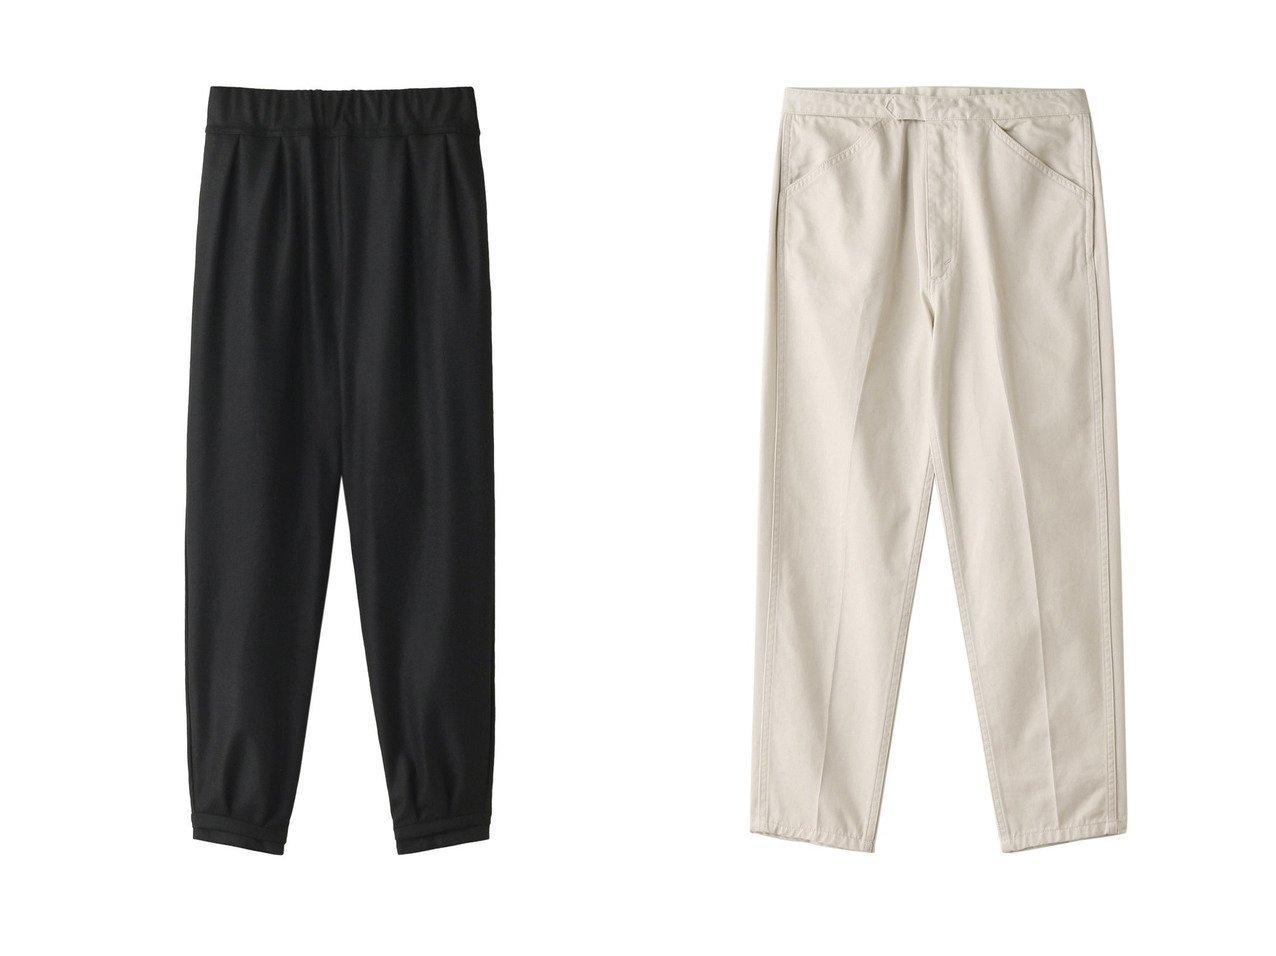 【Shinzone/シンゾーン】のAUTHORITY PANTS ハイウエストコットンテーパードパンツ&【PLAIN PEOPLE/プレインピープル】の【plainless】ウールミルドパンツ パンツのおすすめ!人気、レディースファッションの通販 おすすめで人気のファッション通販商品 インテリア・家具・キッズファッション・メンズファッション・レディースファッション・服の通販 founy(ファニー) https://founy.com/ ファッション Fashion レディース WOMEN パンツ Pants シンプル  ID:crp329100000000175